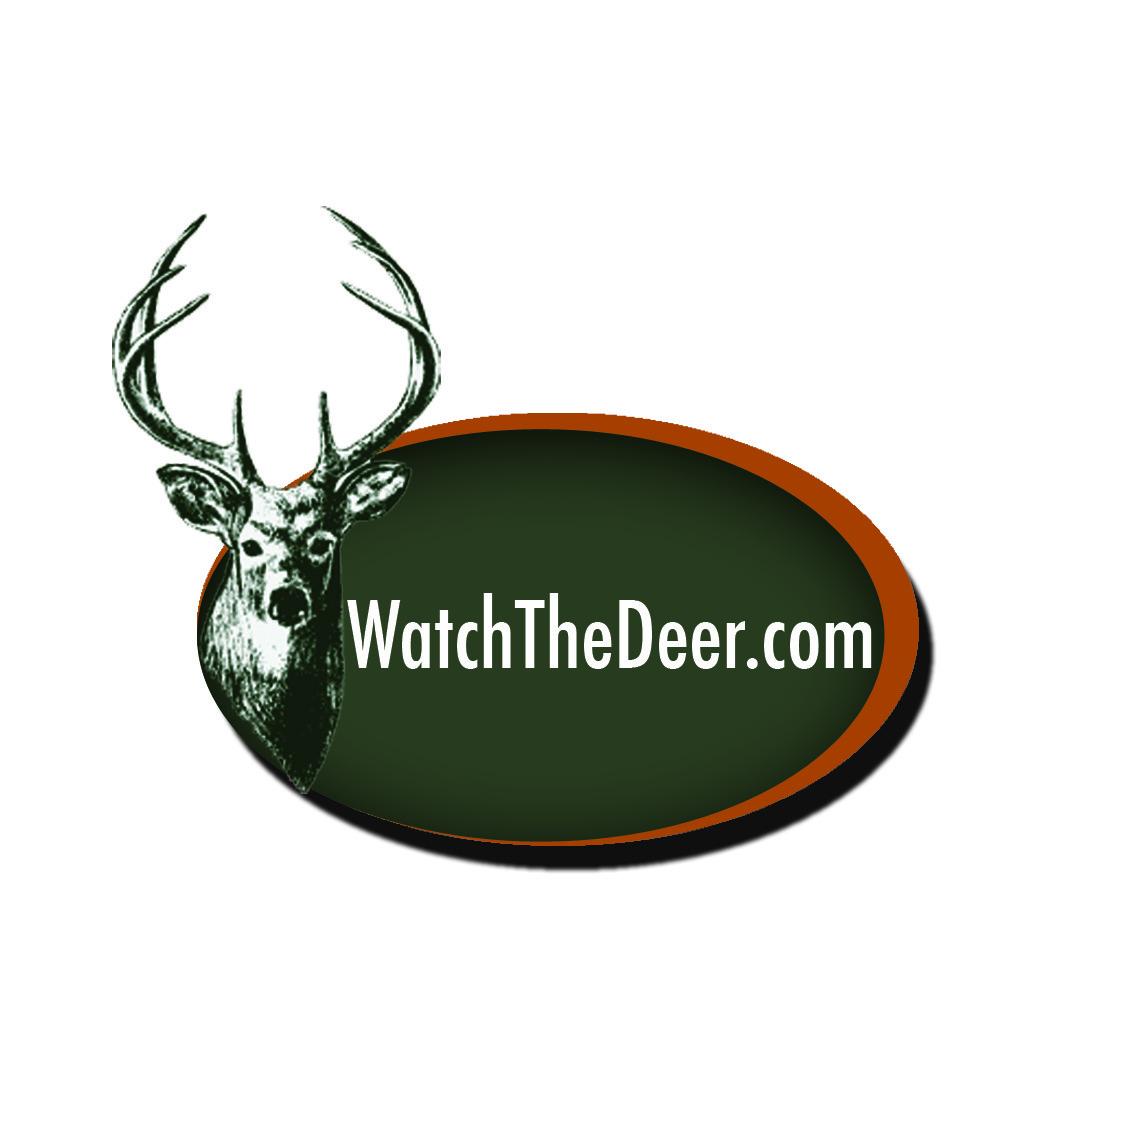 WatchTheDeer.com